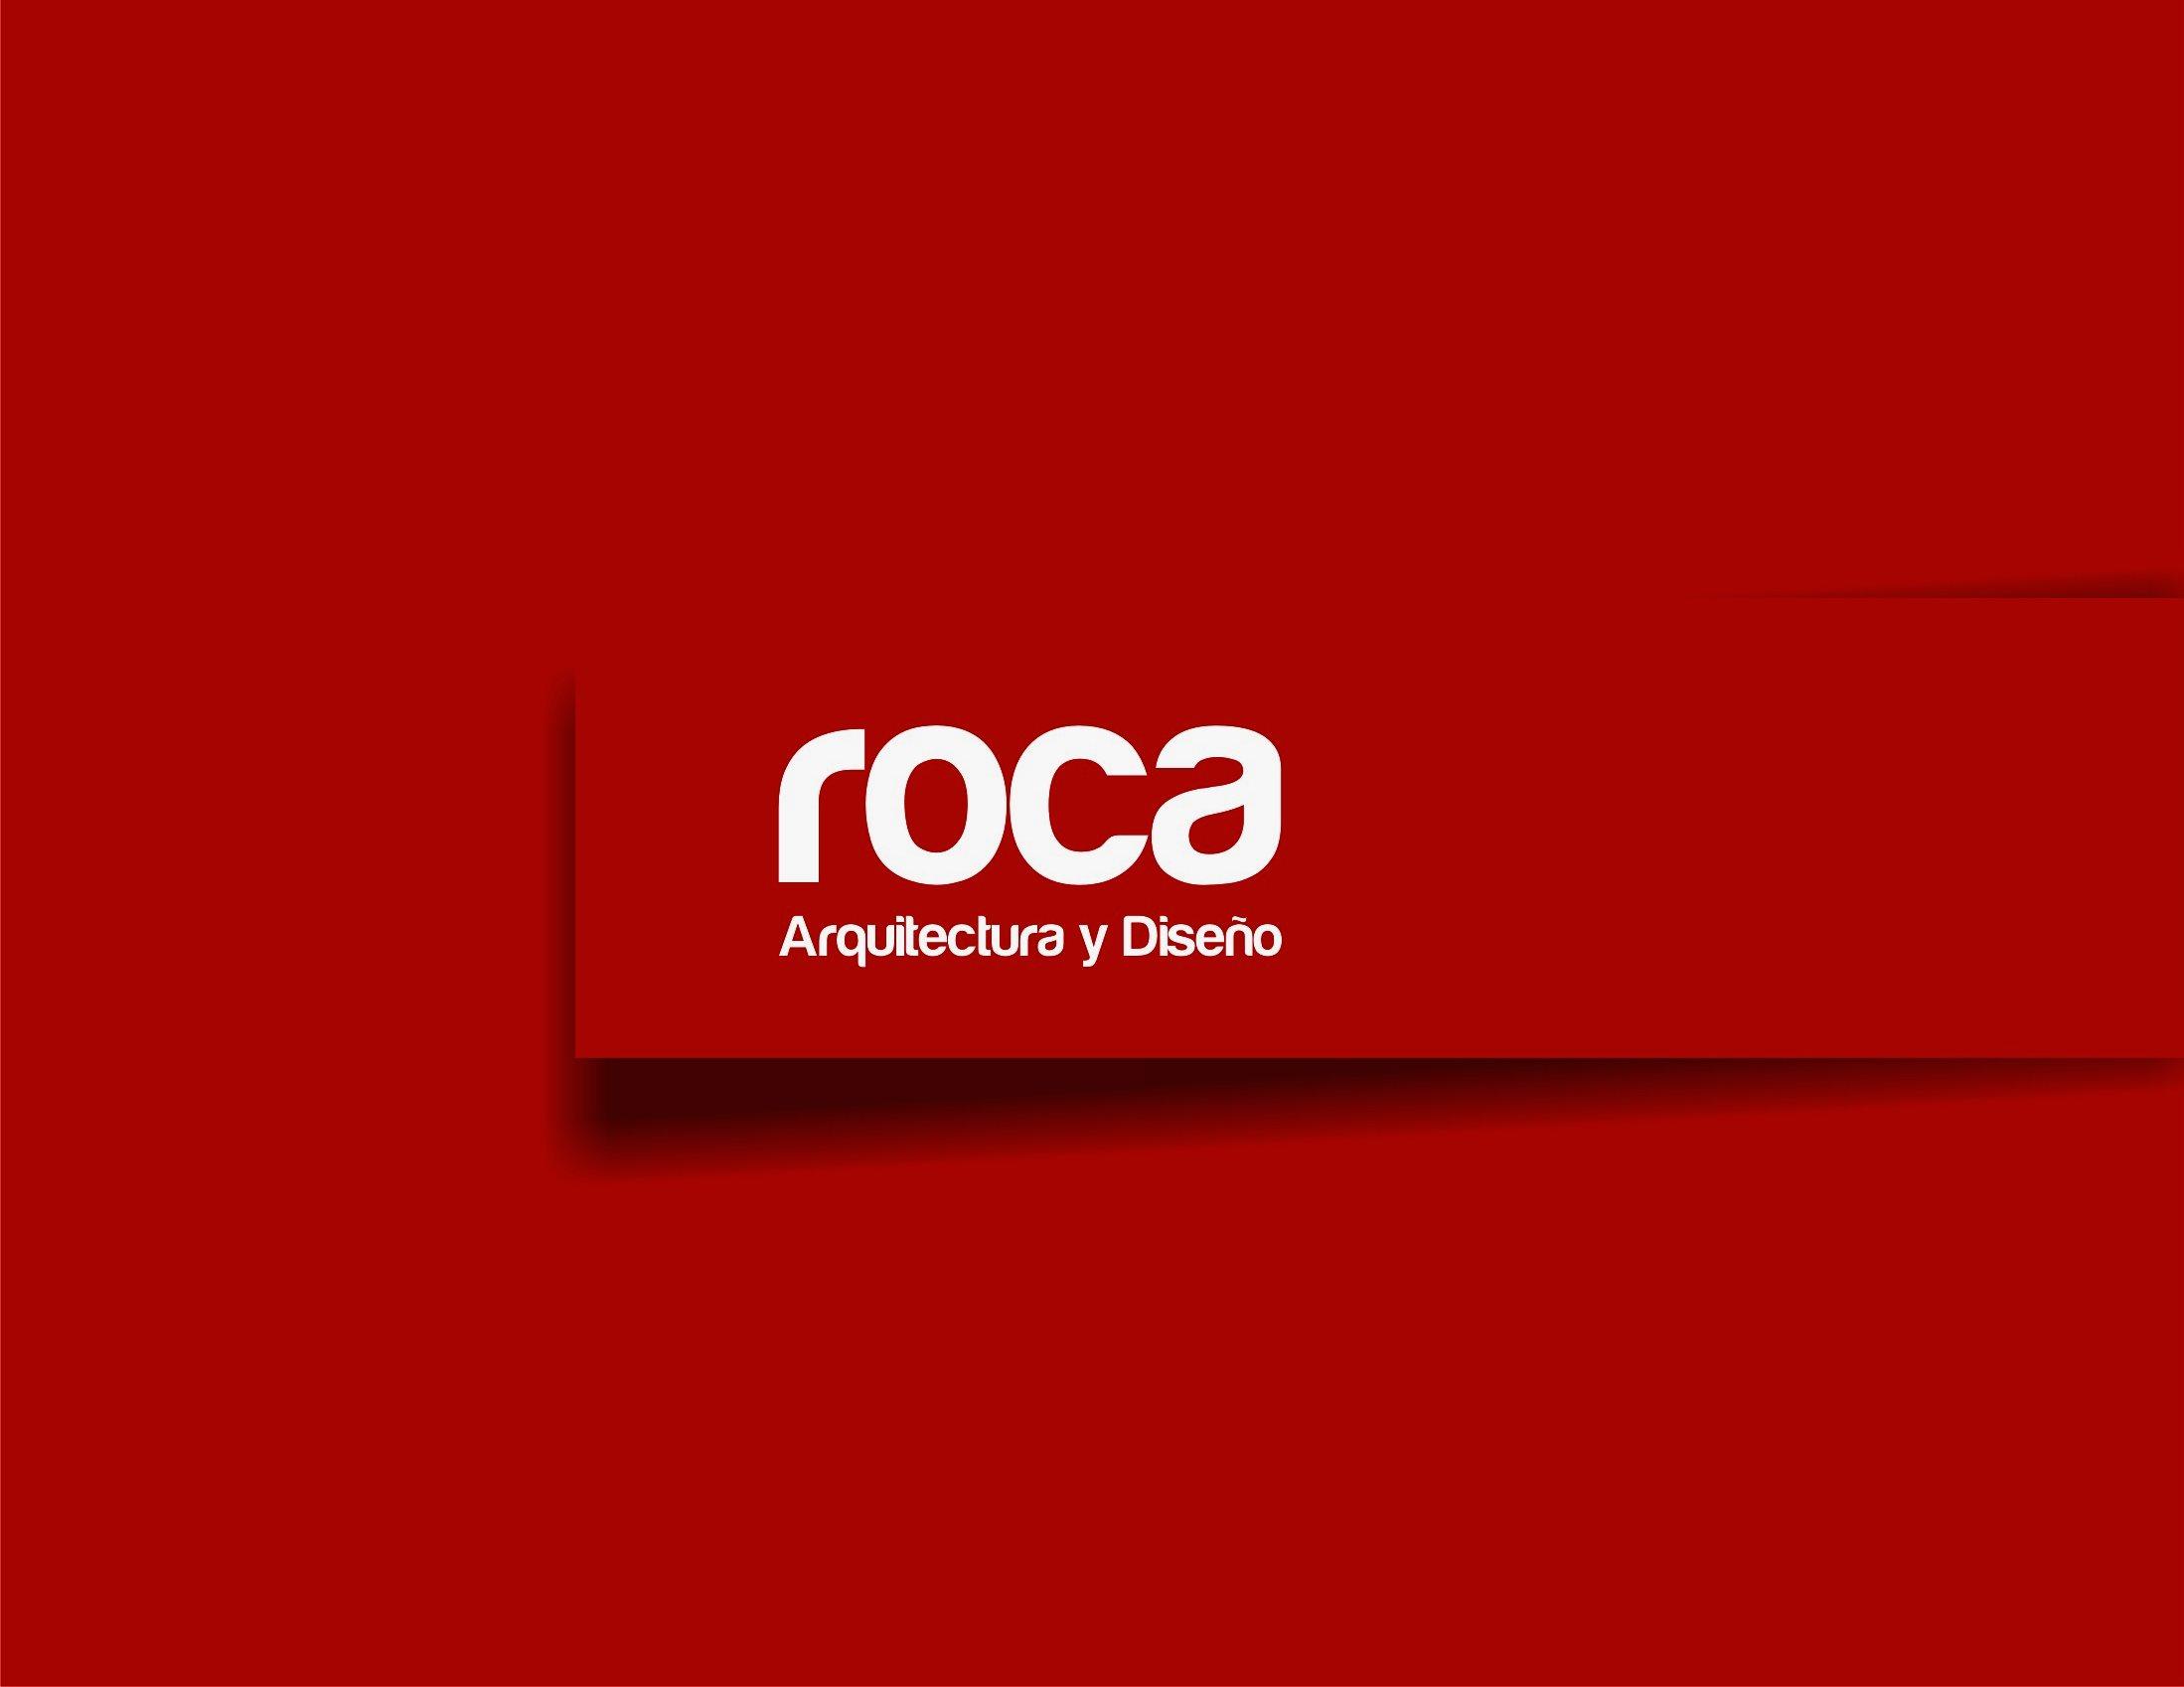 Roca arquitectura y dise o sas computrabajo colombia for Empresas de arquitectura